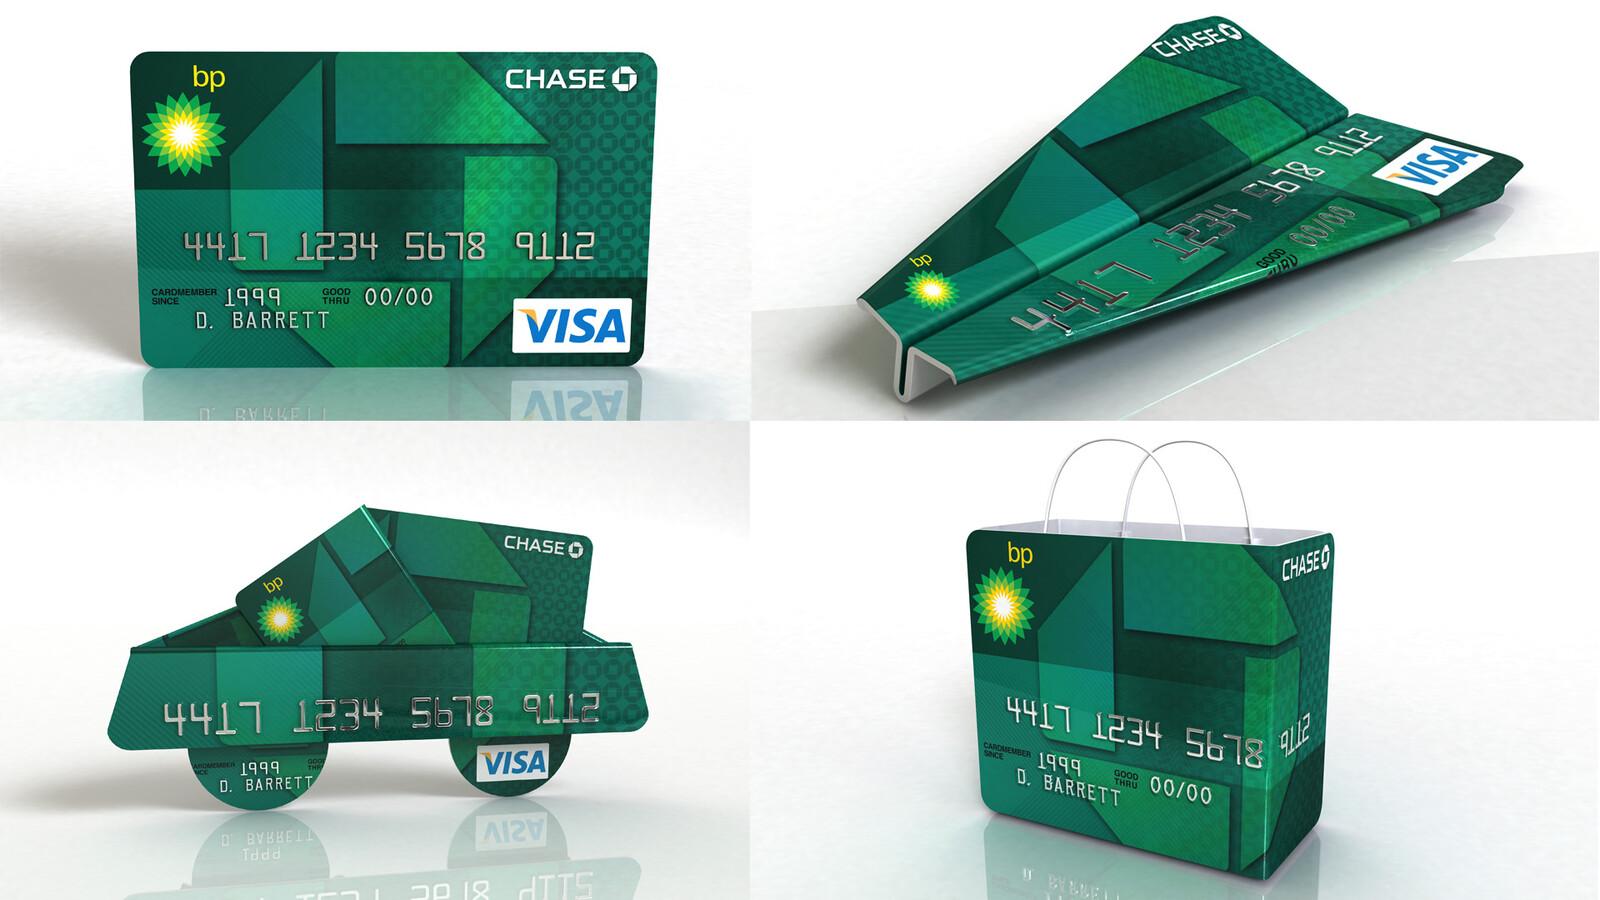 BP Chase VISA Rewards